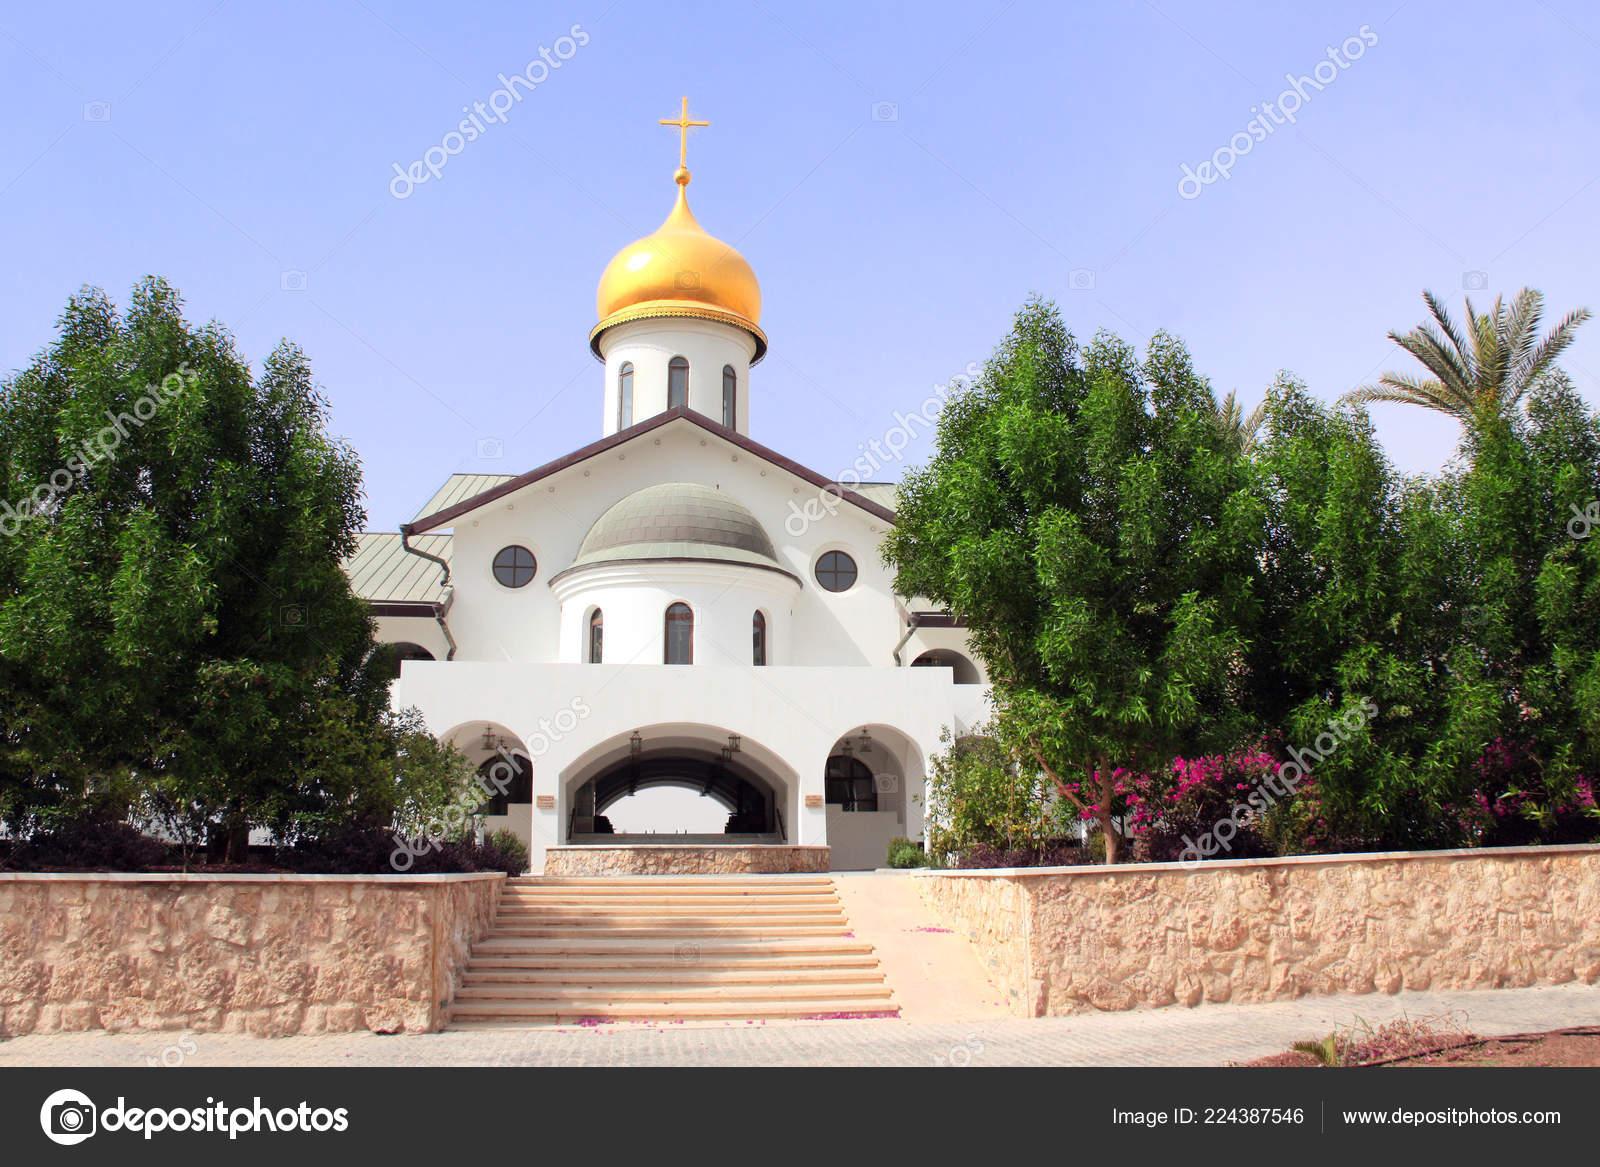 Russische Orthodoxe Kirche Und Das Haus Eines Pilgers Auf